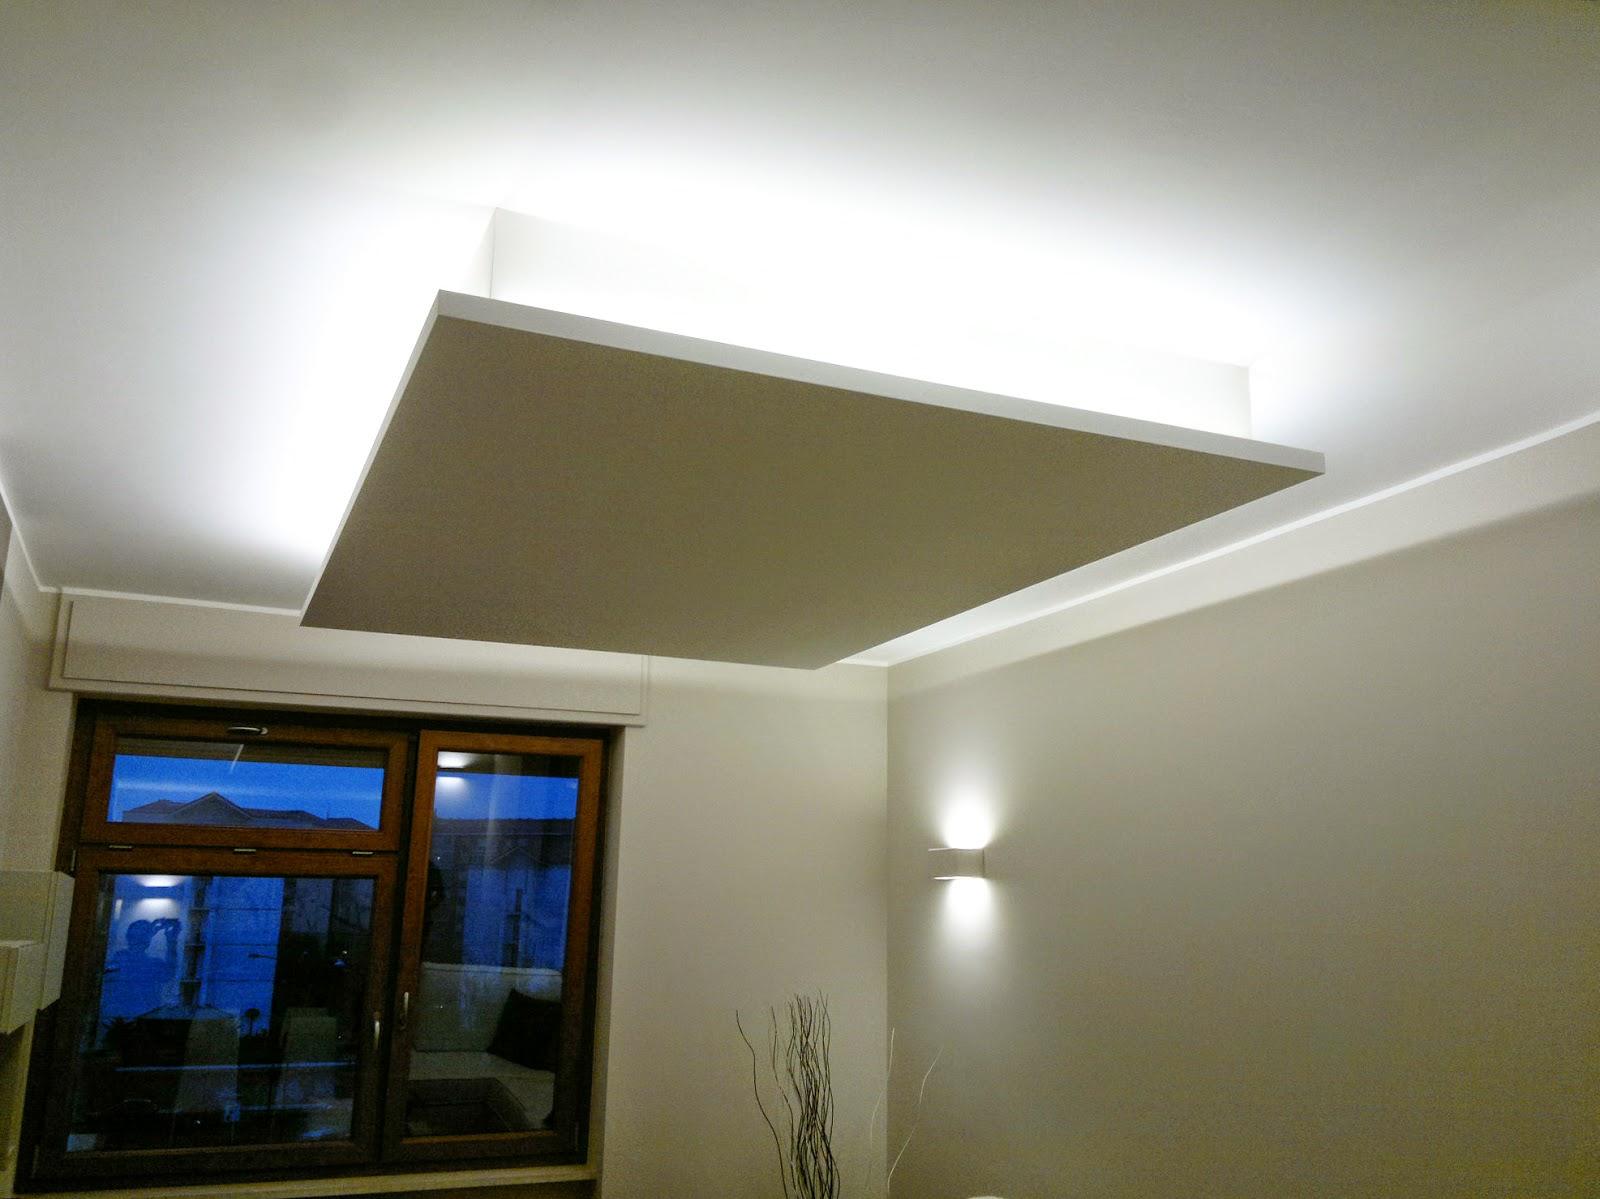 Illuminazione led casa settembre 2014 for Illuminazione led